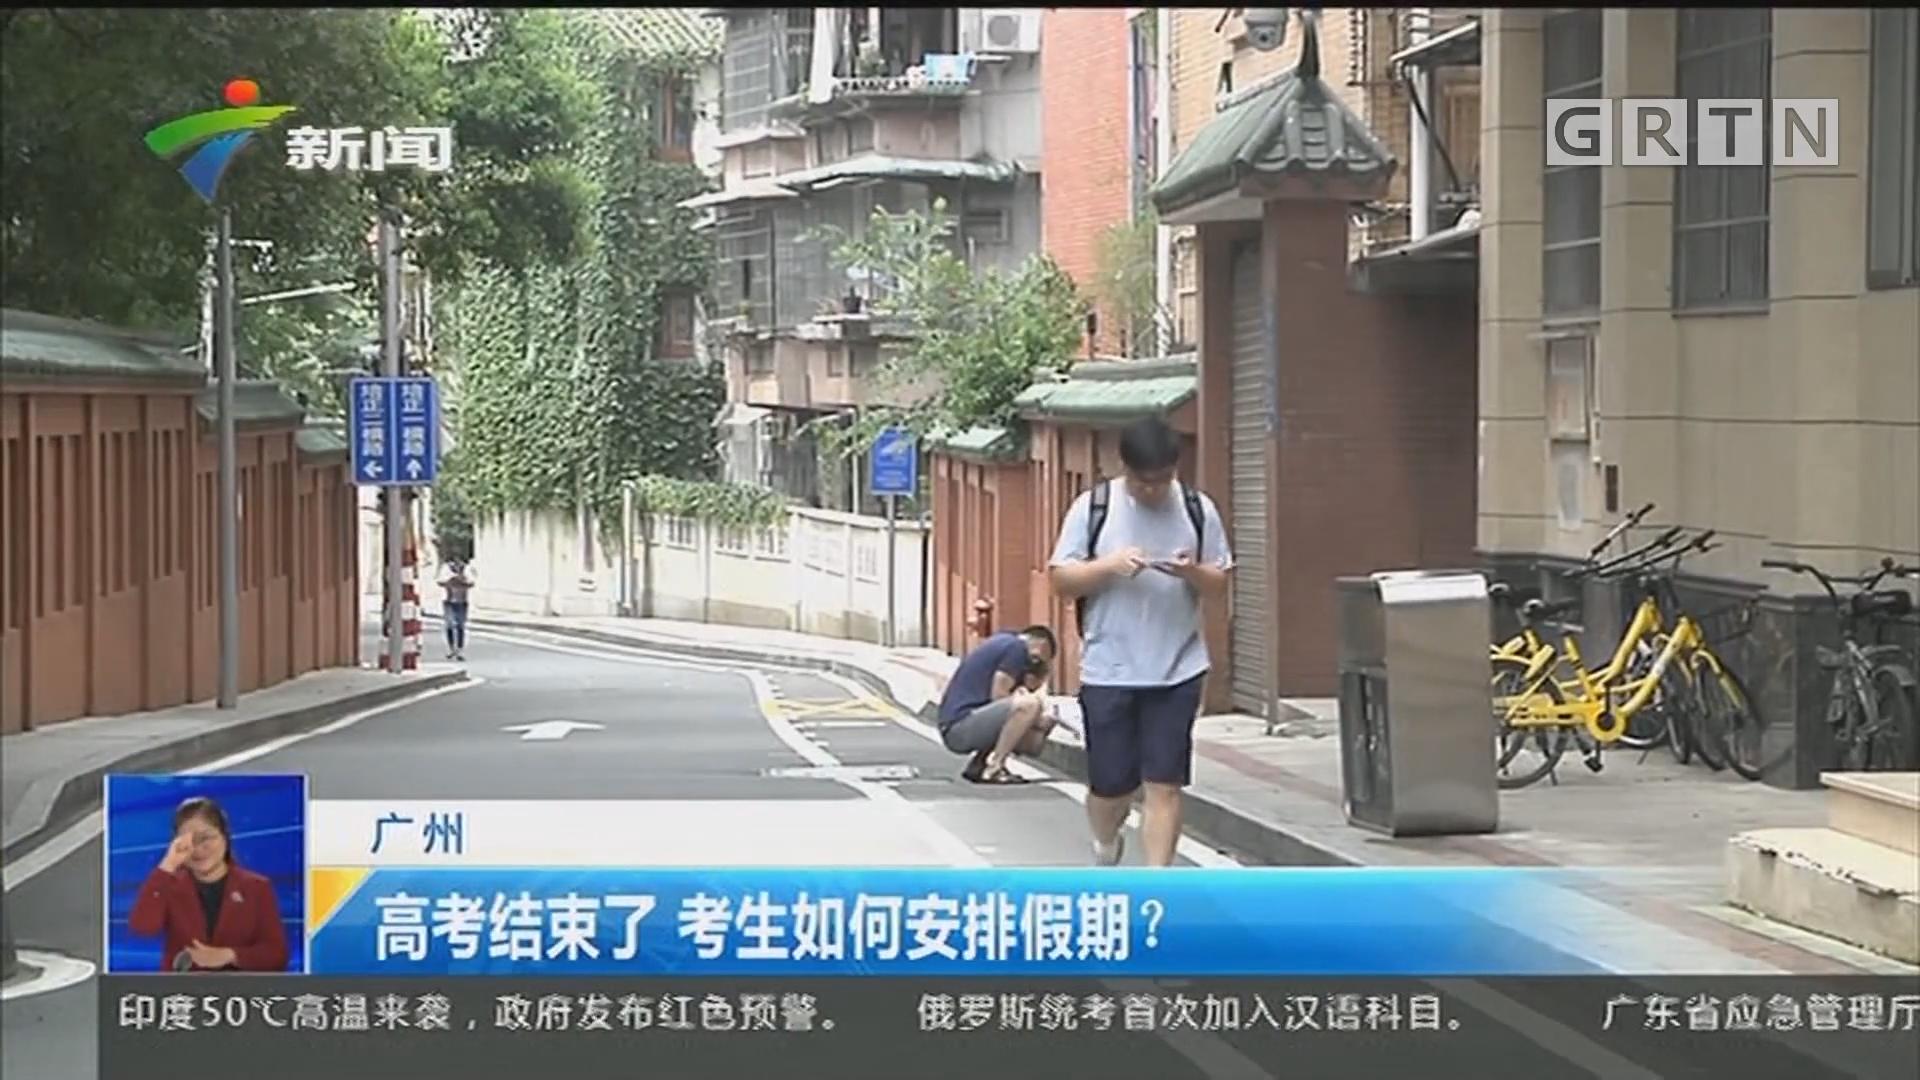 广州:高考结束了 考生如何安排假期?